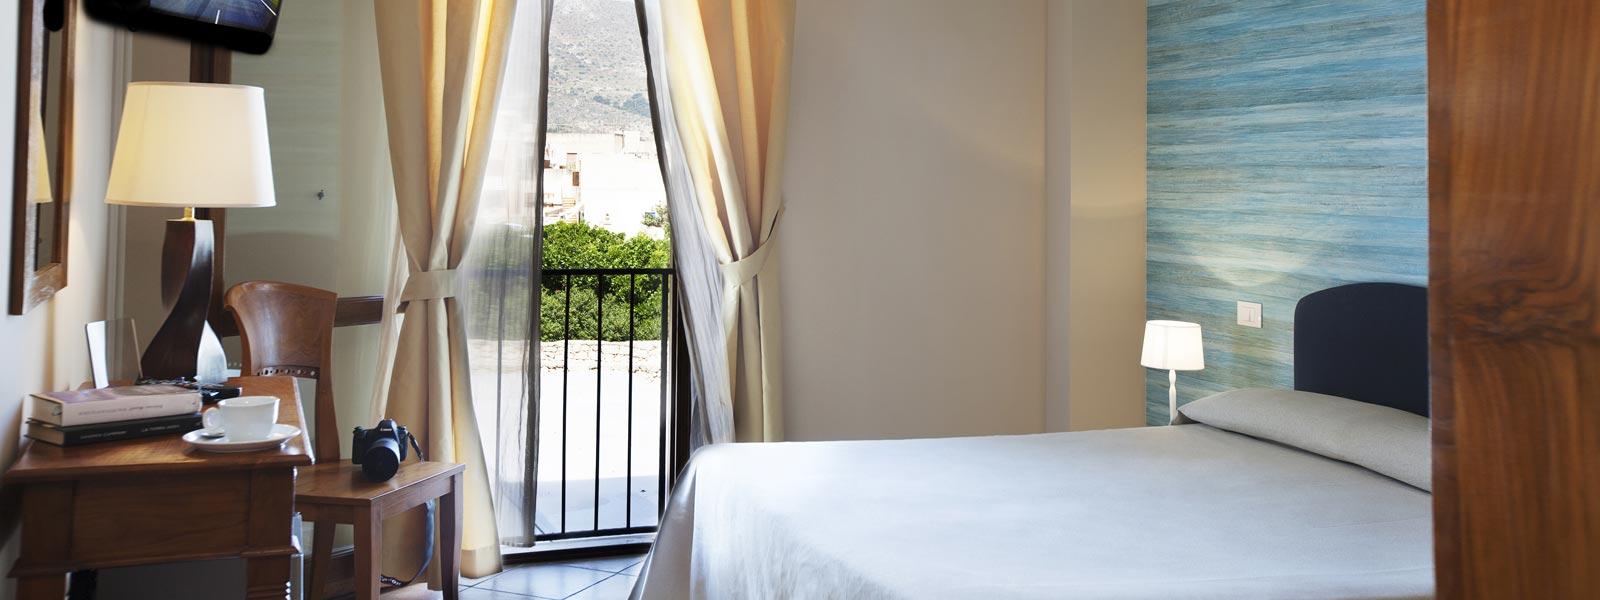 Favignana_Hotel_Isole-Egadi-8007